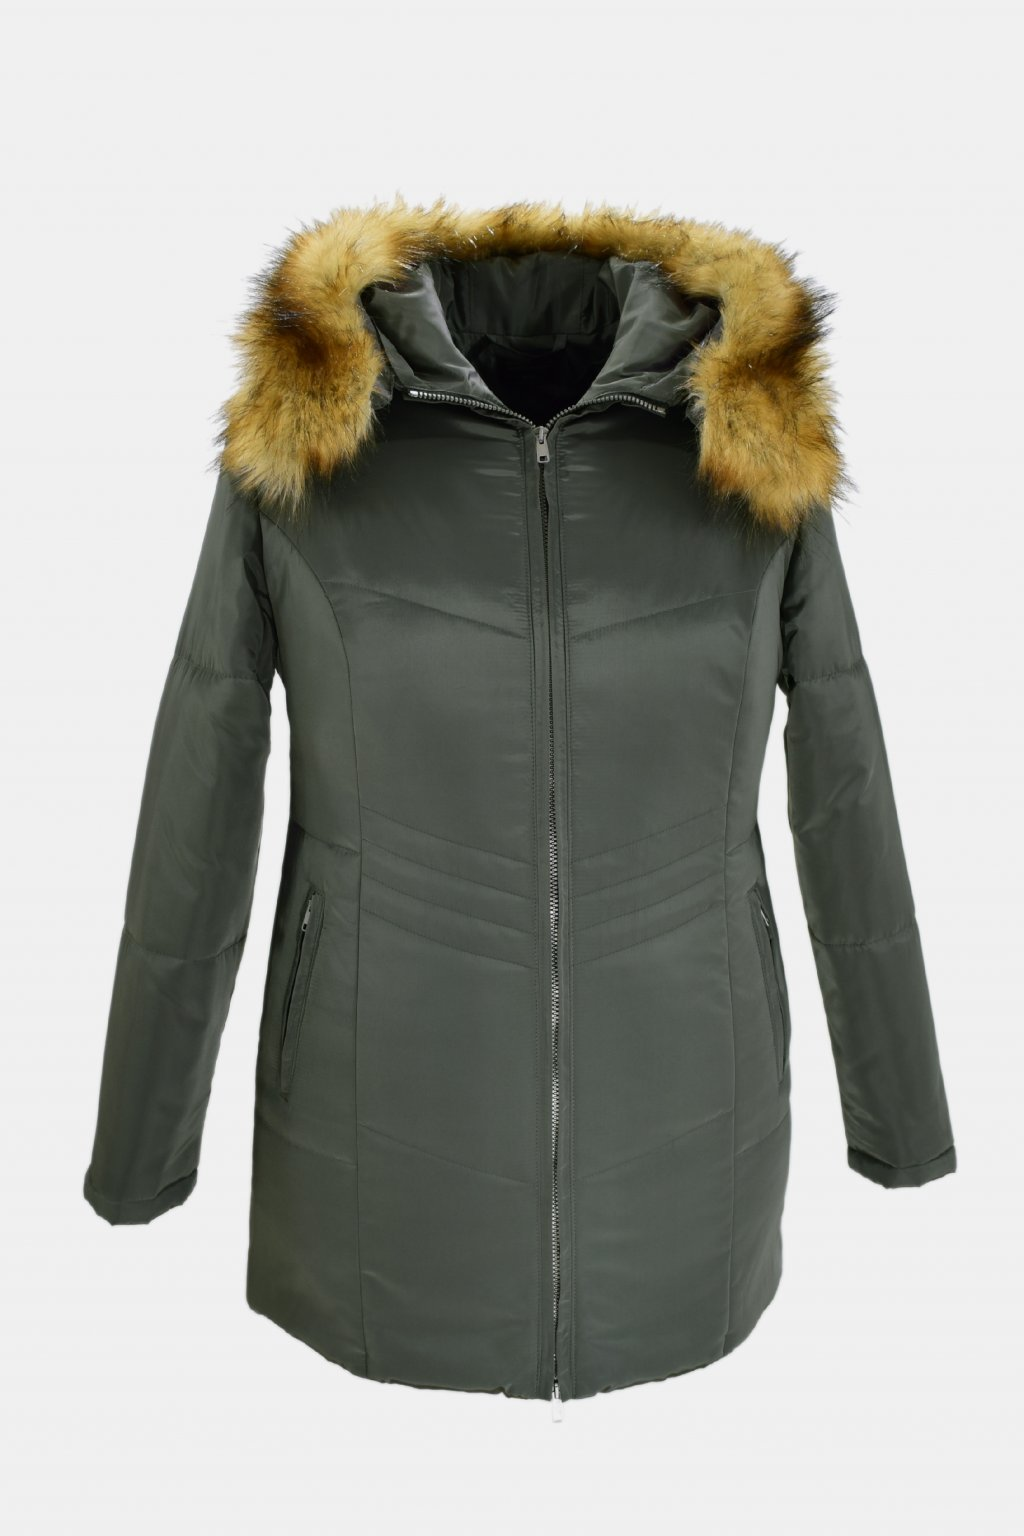 Dámská šedozelená zimní bunda Judita nadměrné velikosti